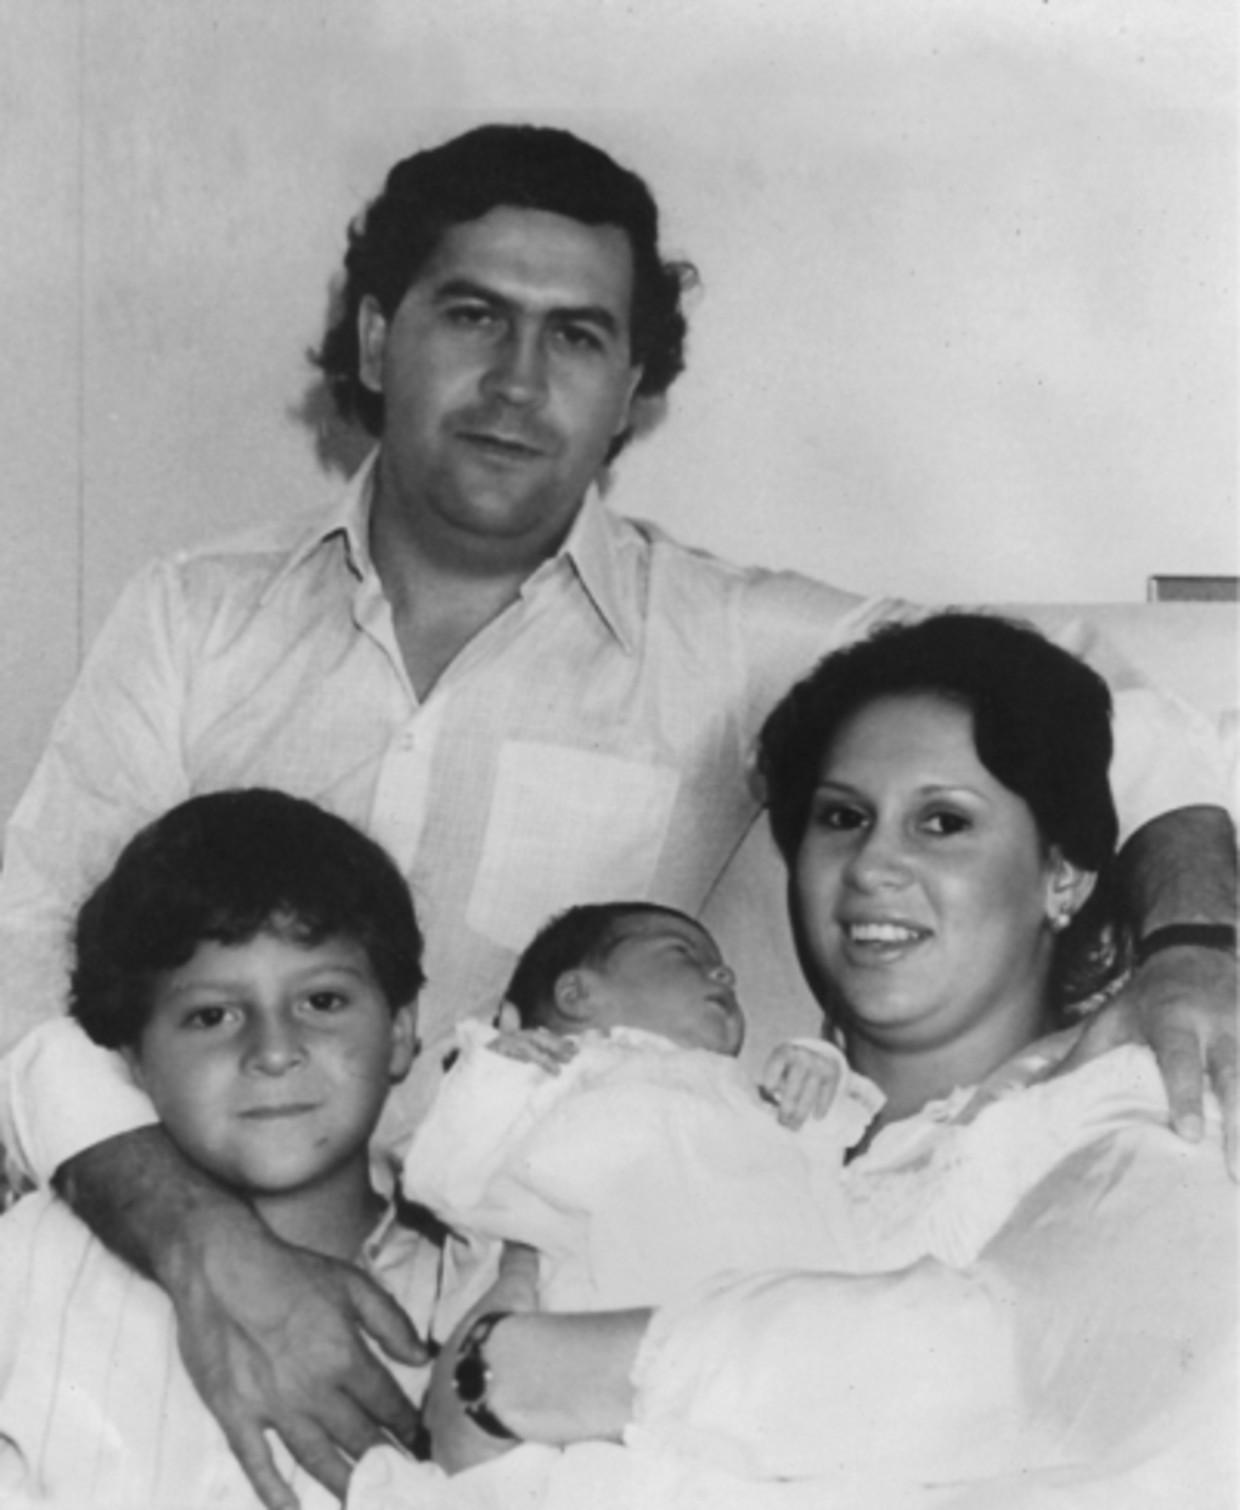 'In ons bijzijn gebruikte Pablo nooit drugs of alcohol. Hij was een romanticus: hij schreef gedichten voor mij.' Pablo Escobar met Victoria en hun kinderen Manuela en Juan Pablo